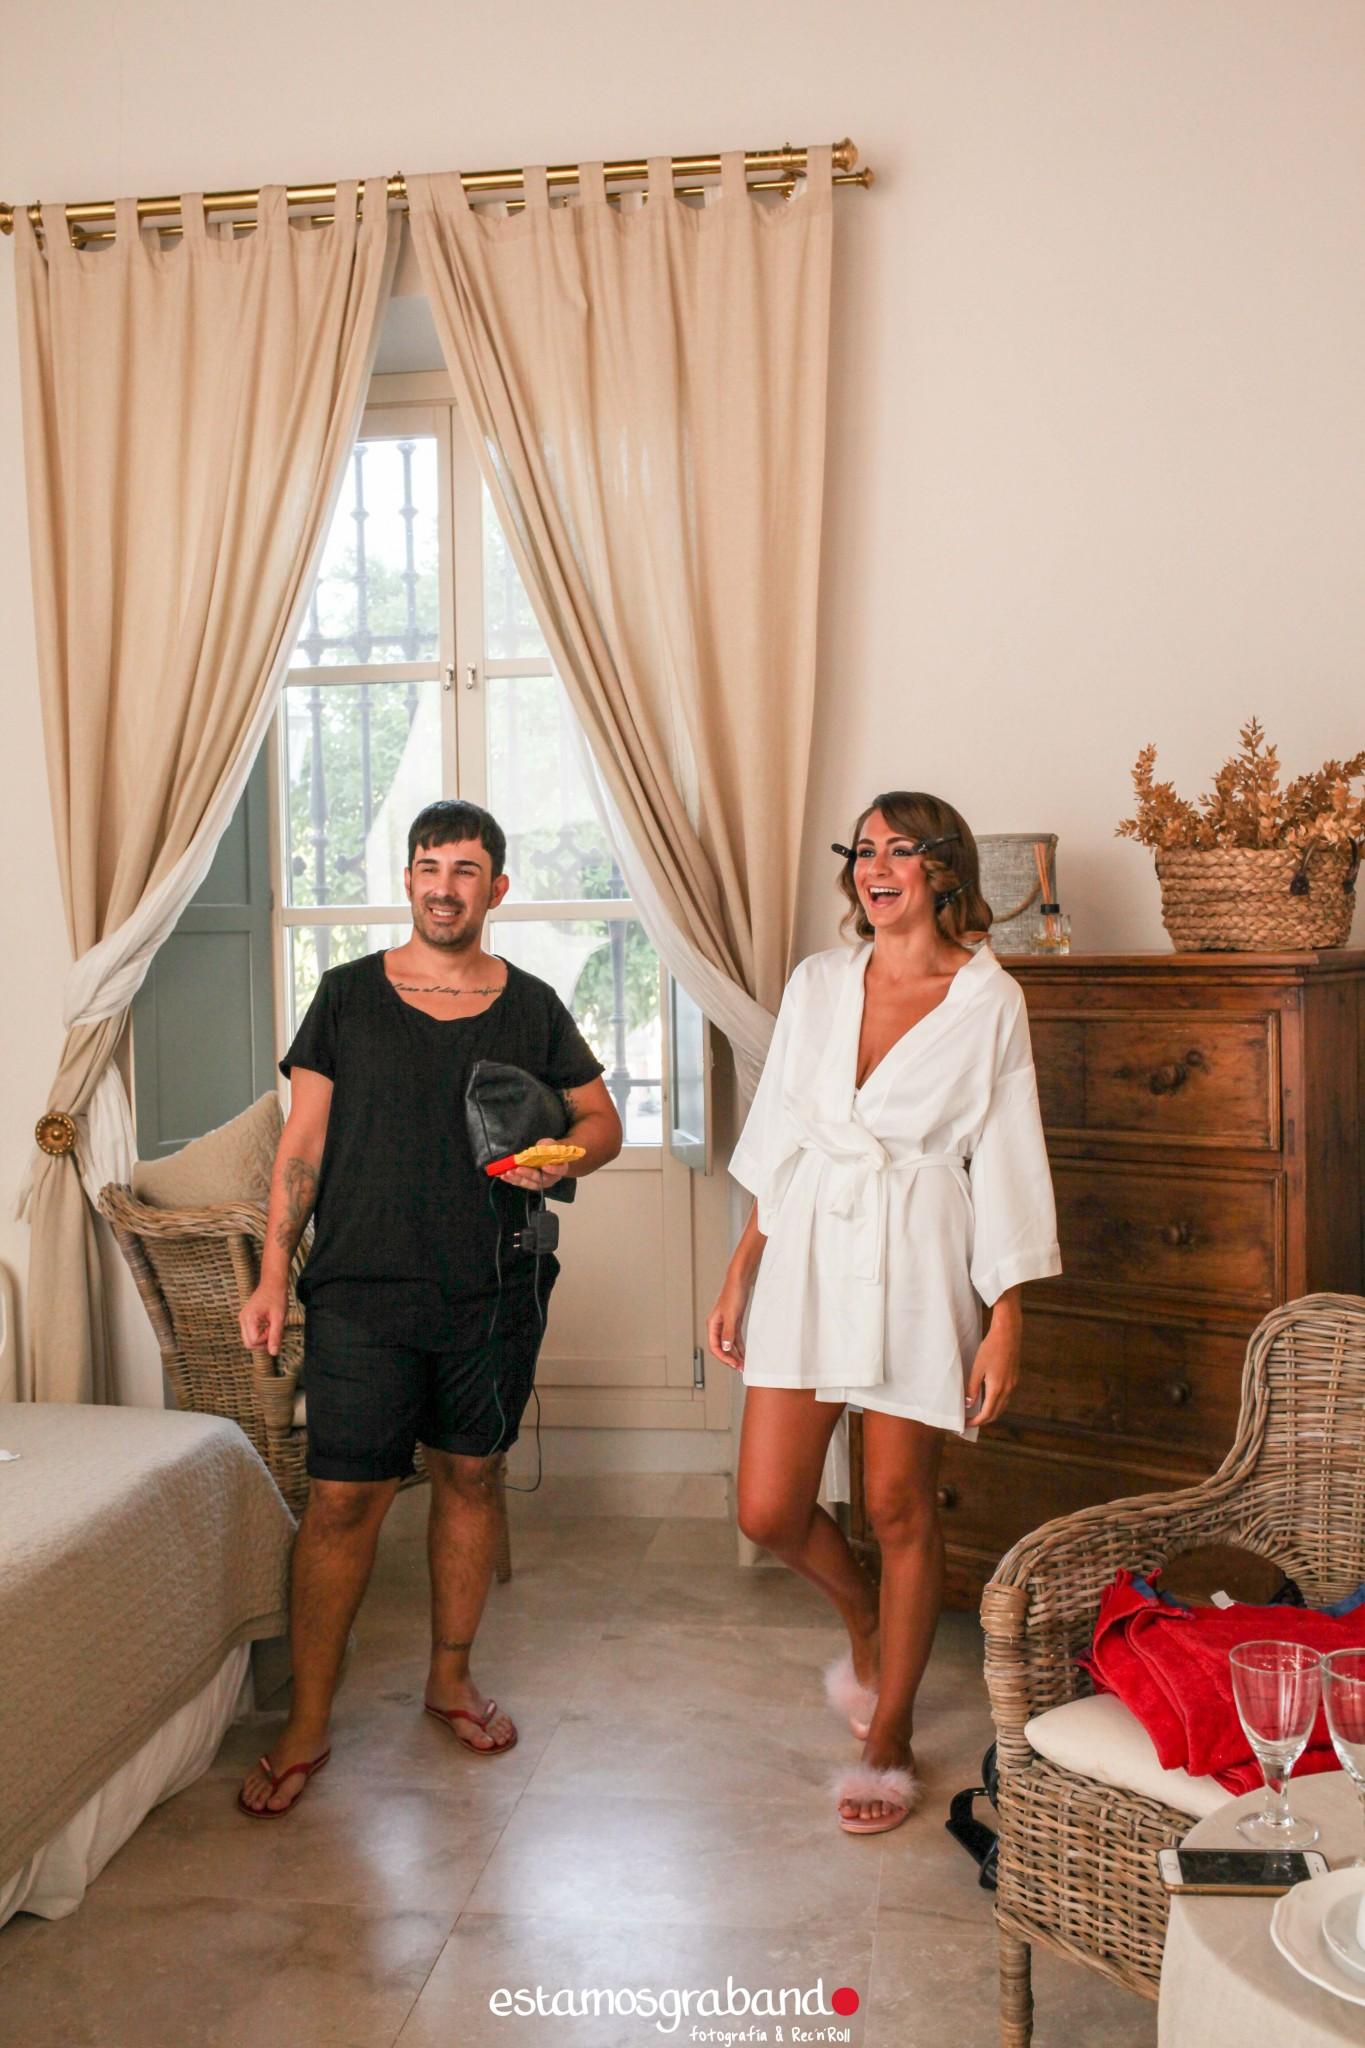 Miguel-Ana-3 Los invitados de Ana & Miguel [Fotografía de Boda_Viña La Carreña, Jerez] - video boda cadiz